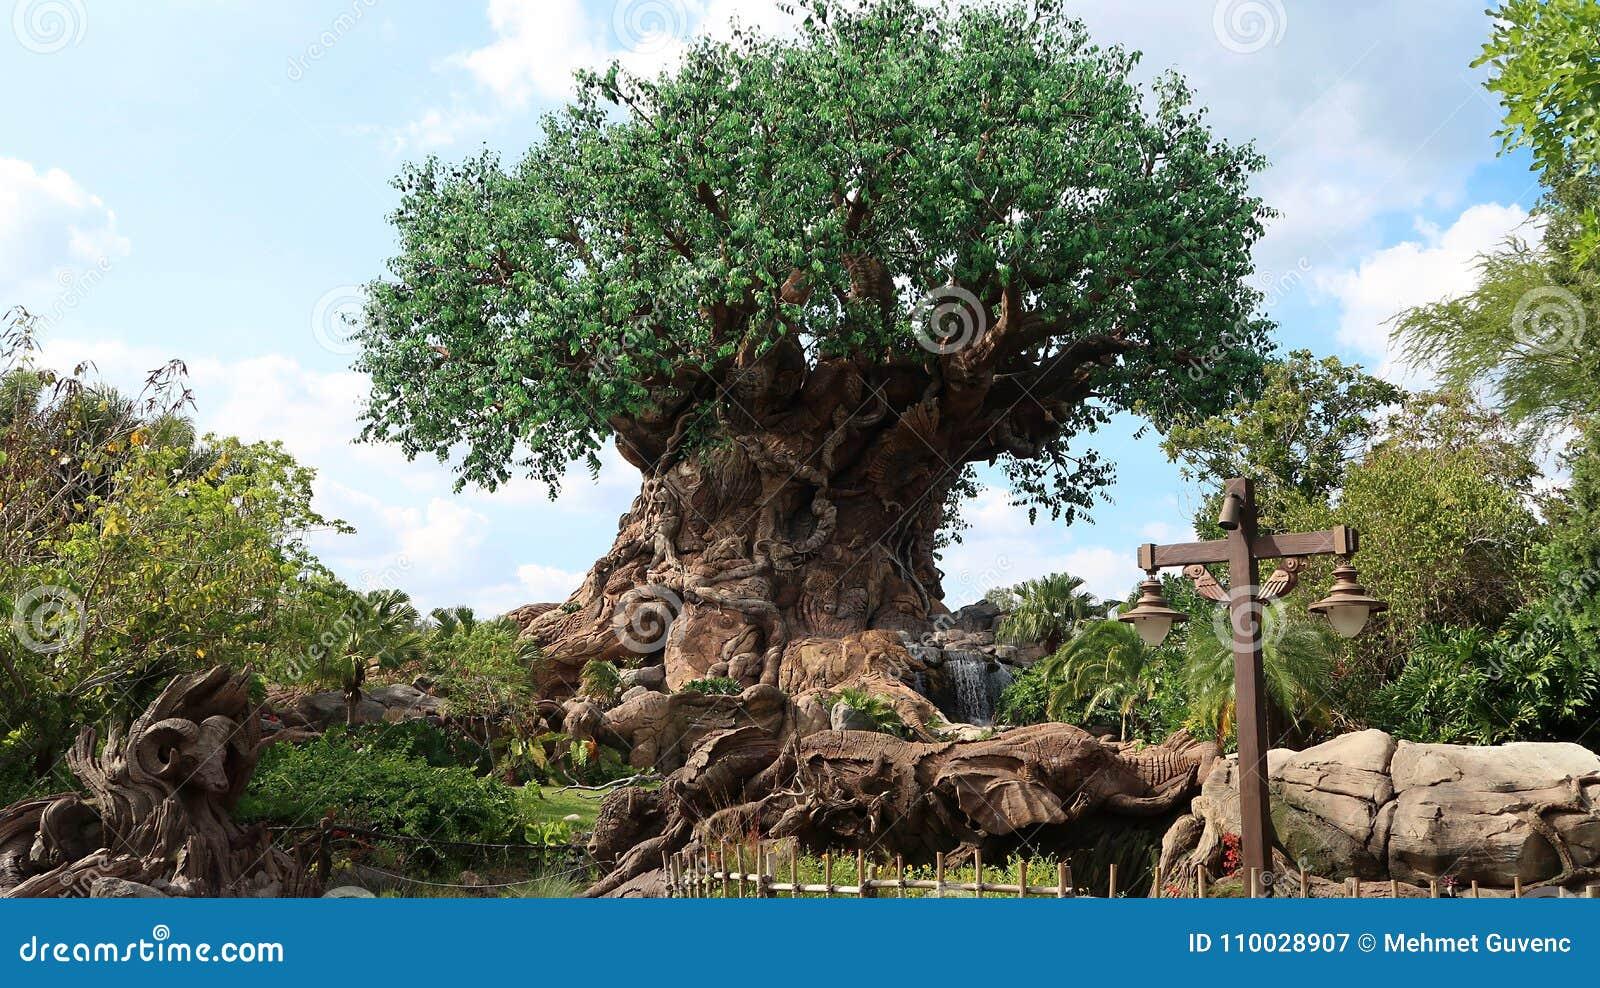 Der Baum des Lebens ist in der Disney-Welt in Orlando